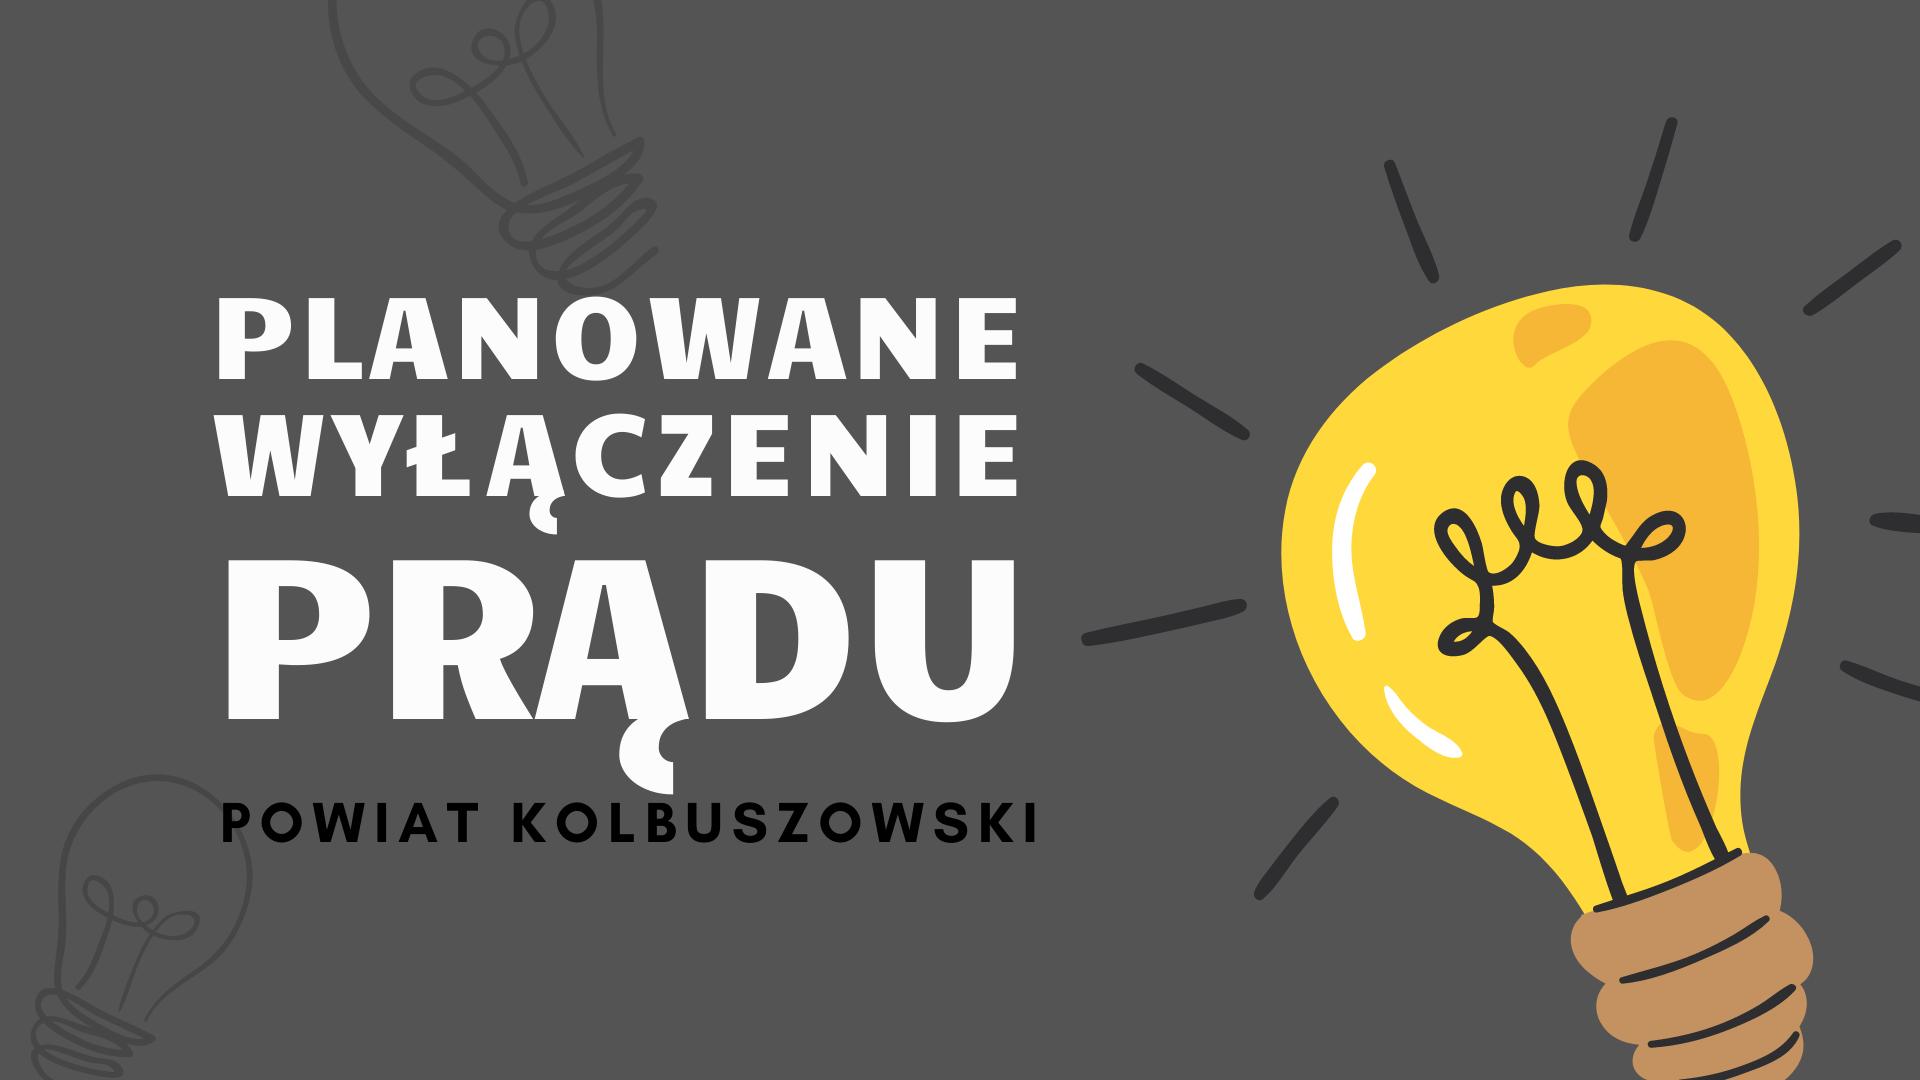 Brak prądu we wrześniu w powiecie kolbuszowskim  [AKTUALIZACJA] - Zdjęcie główne